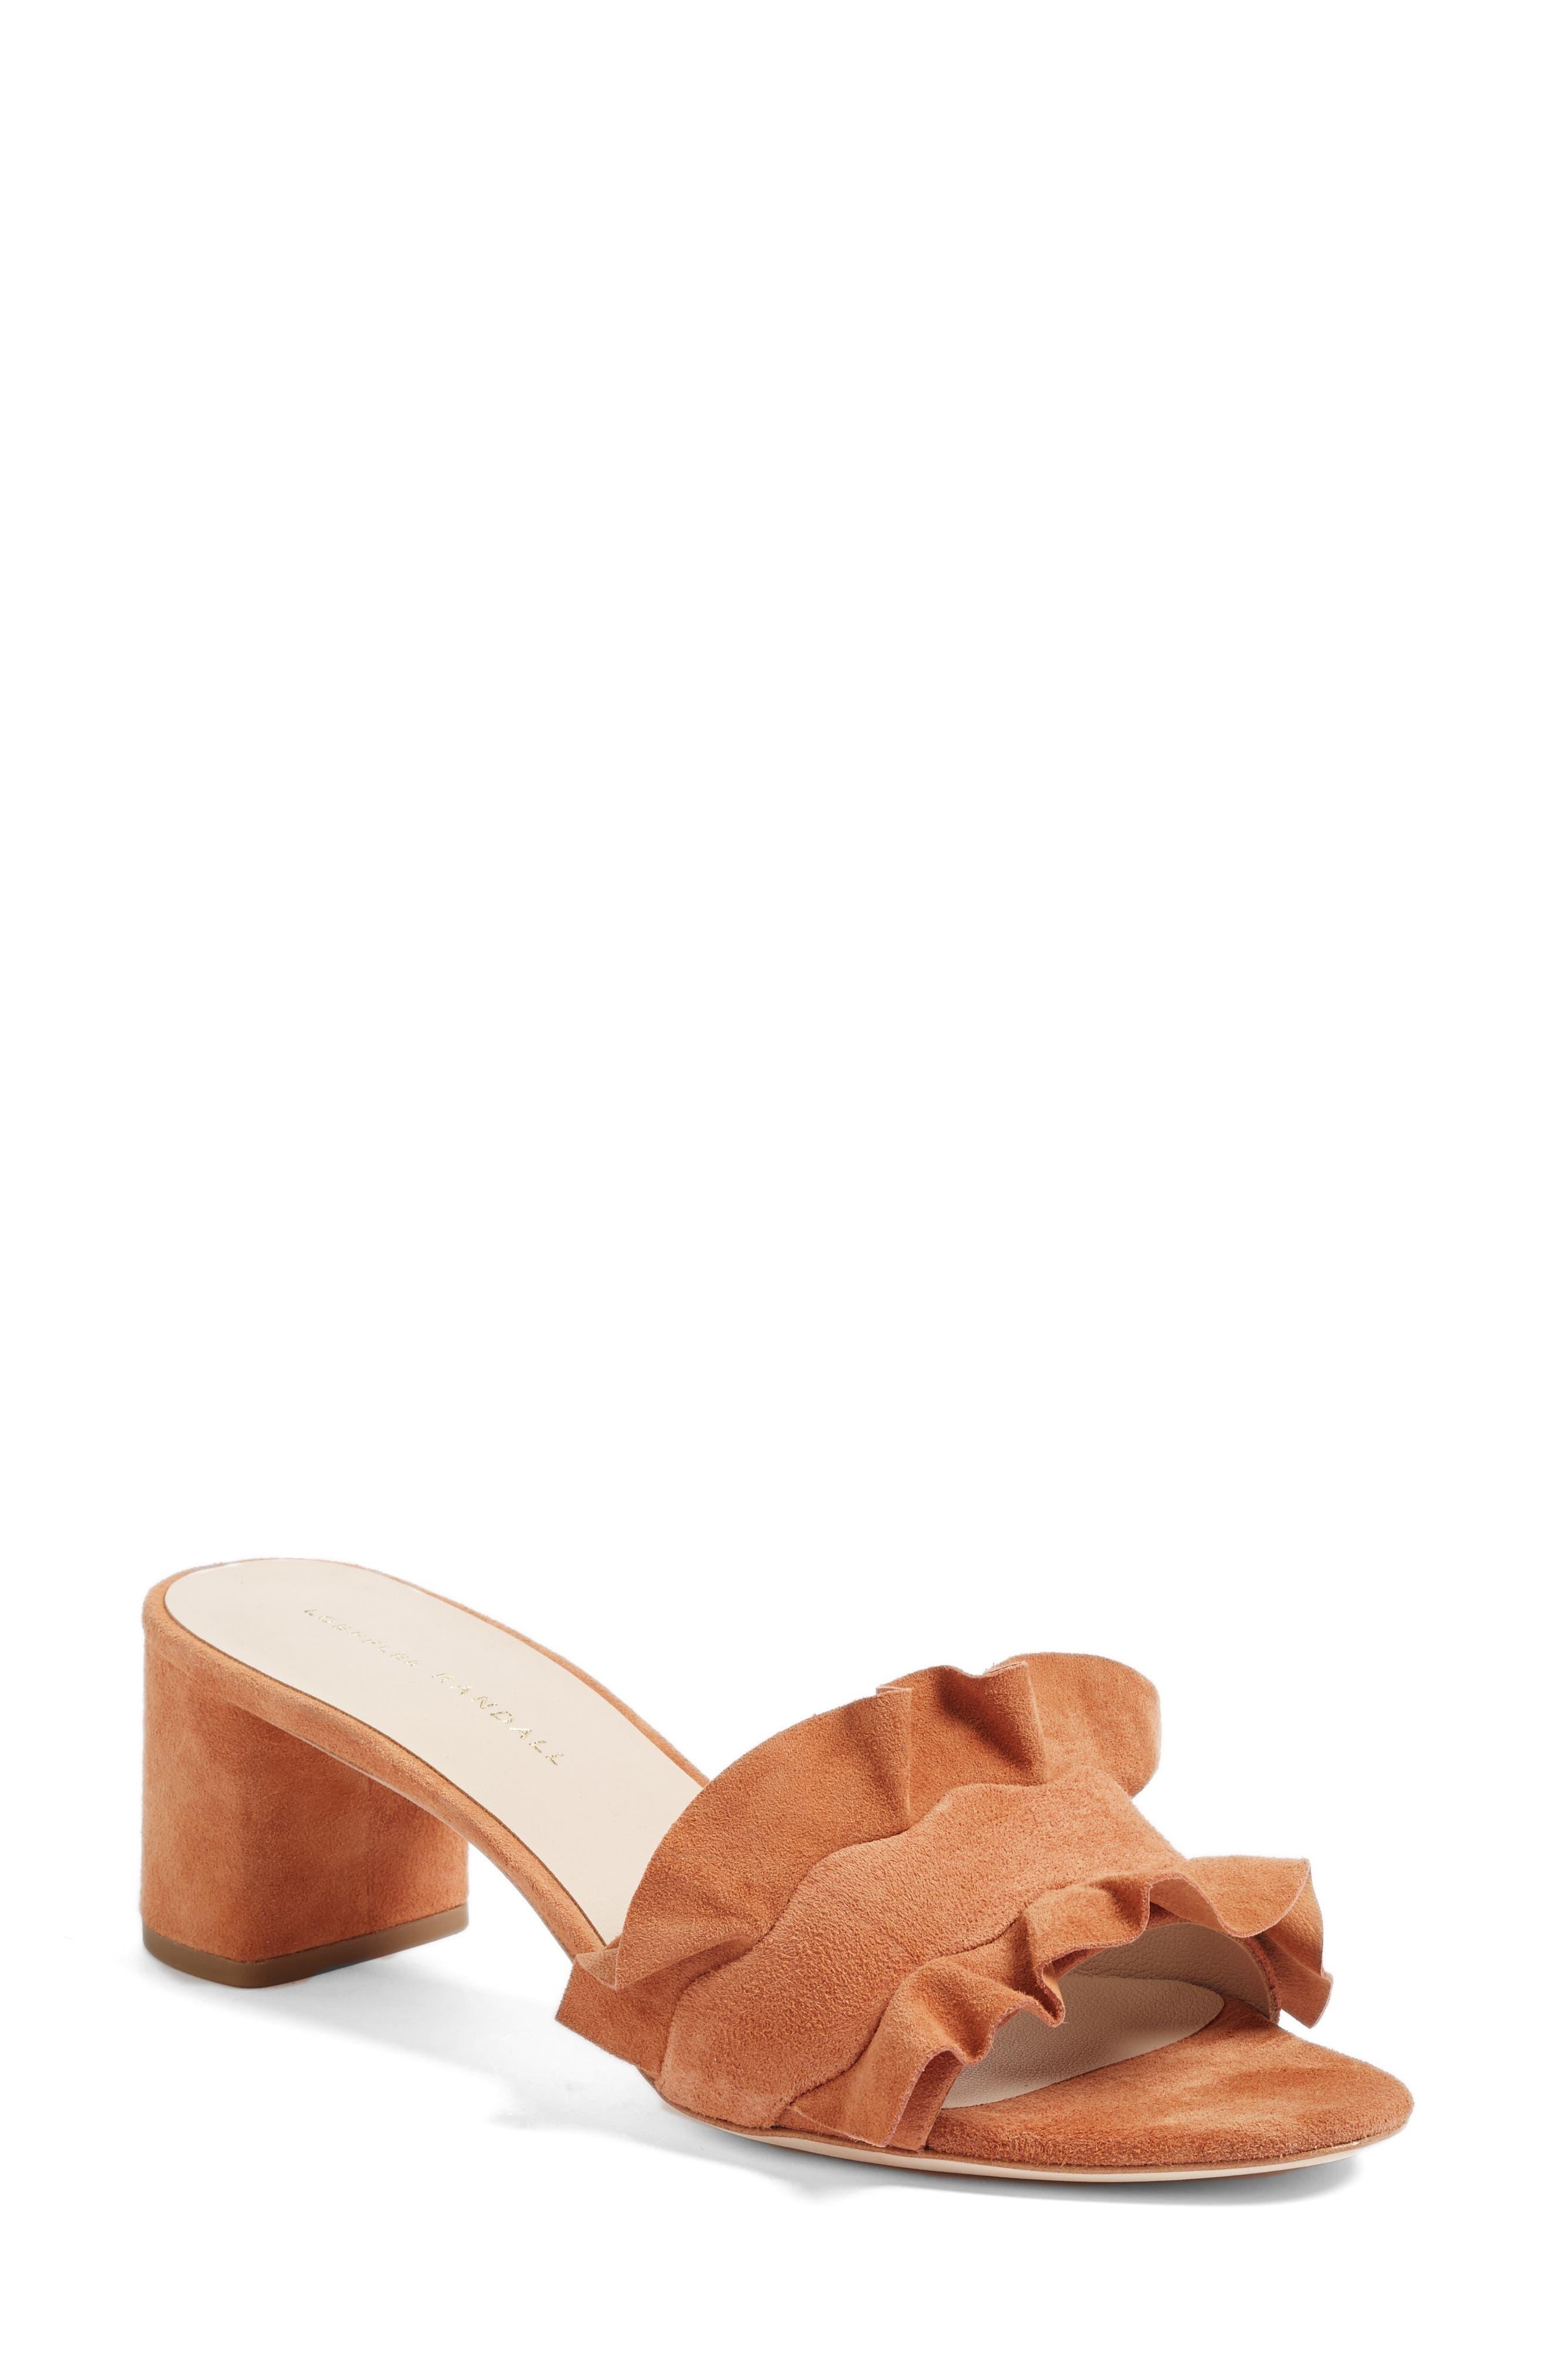 LOEFFLER RANDALL Vera Ruffled Slide Sandal